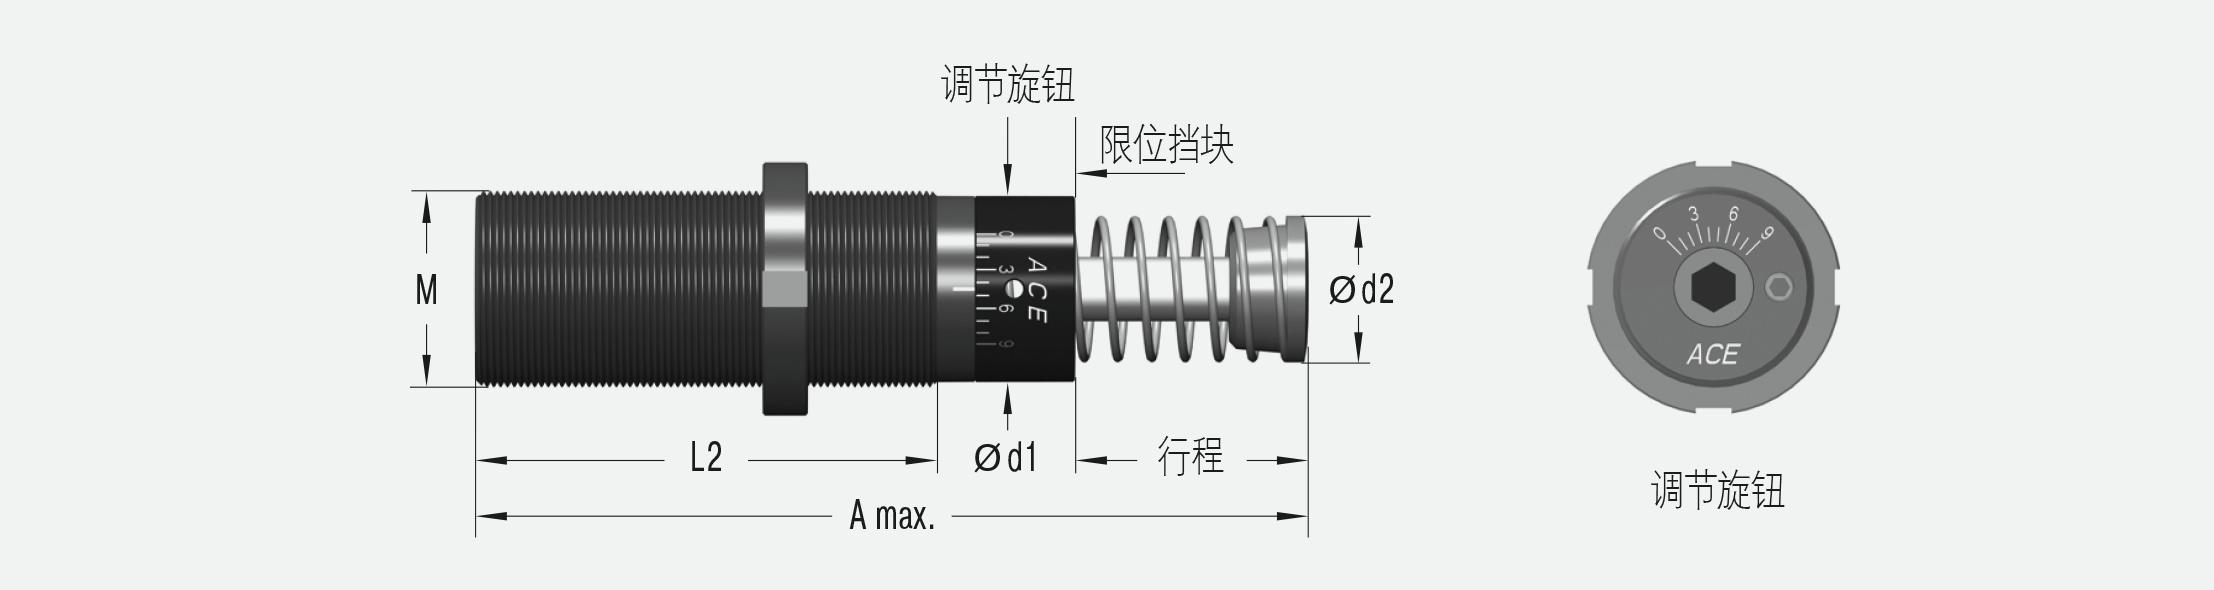 ML3350M